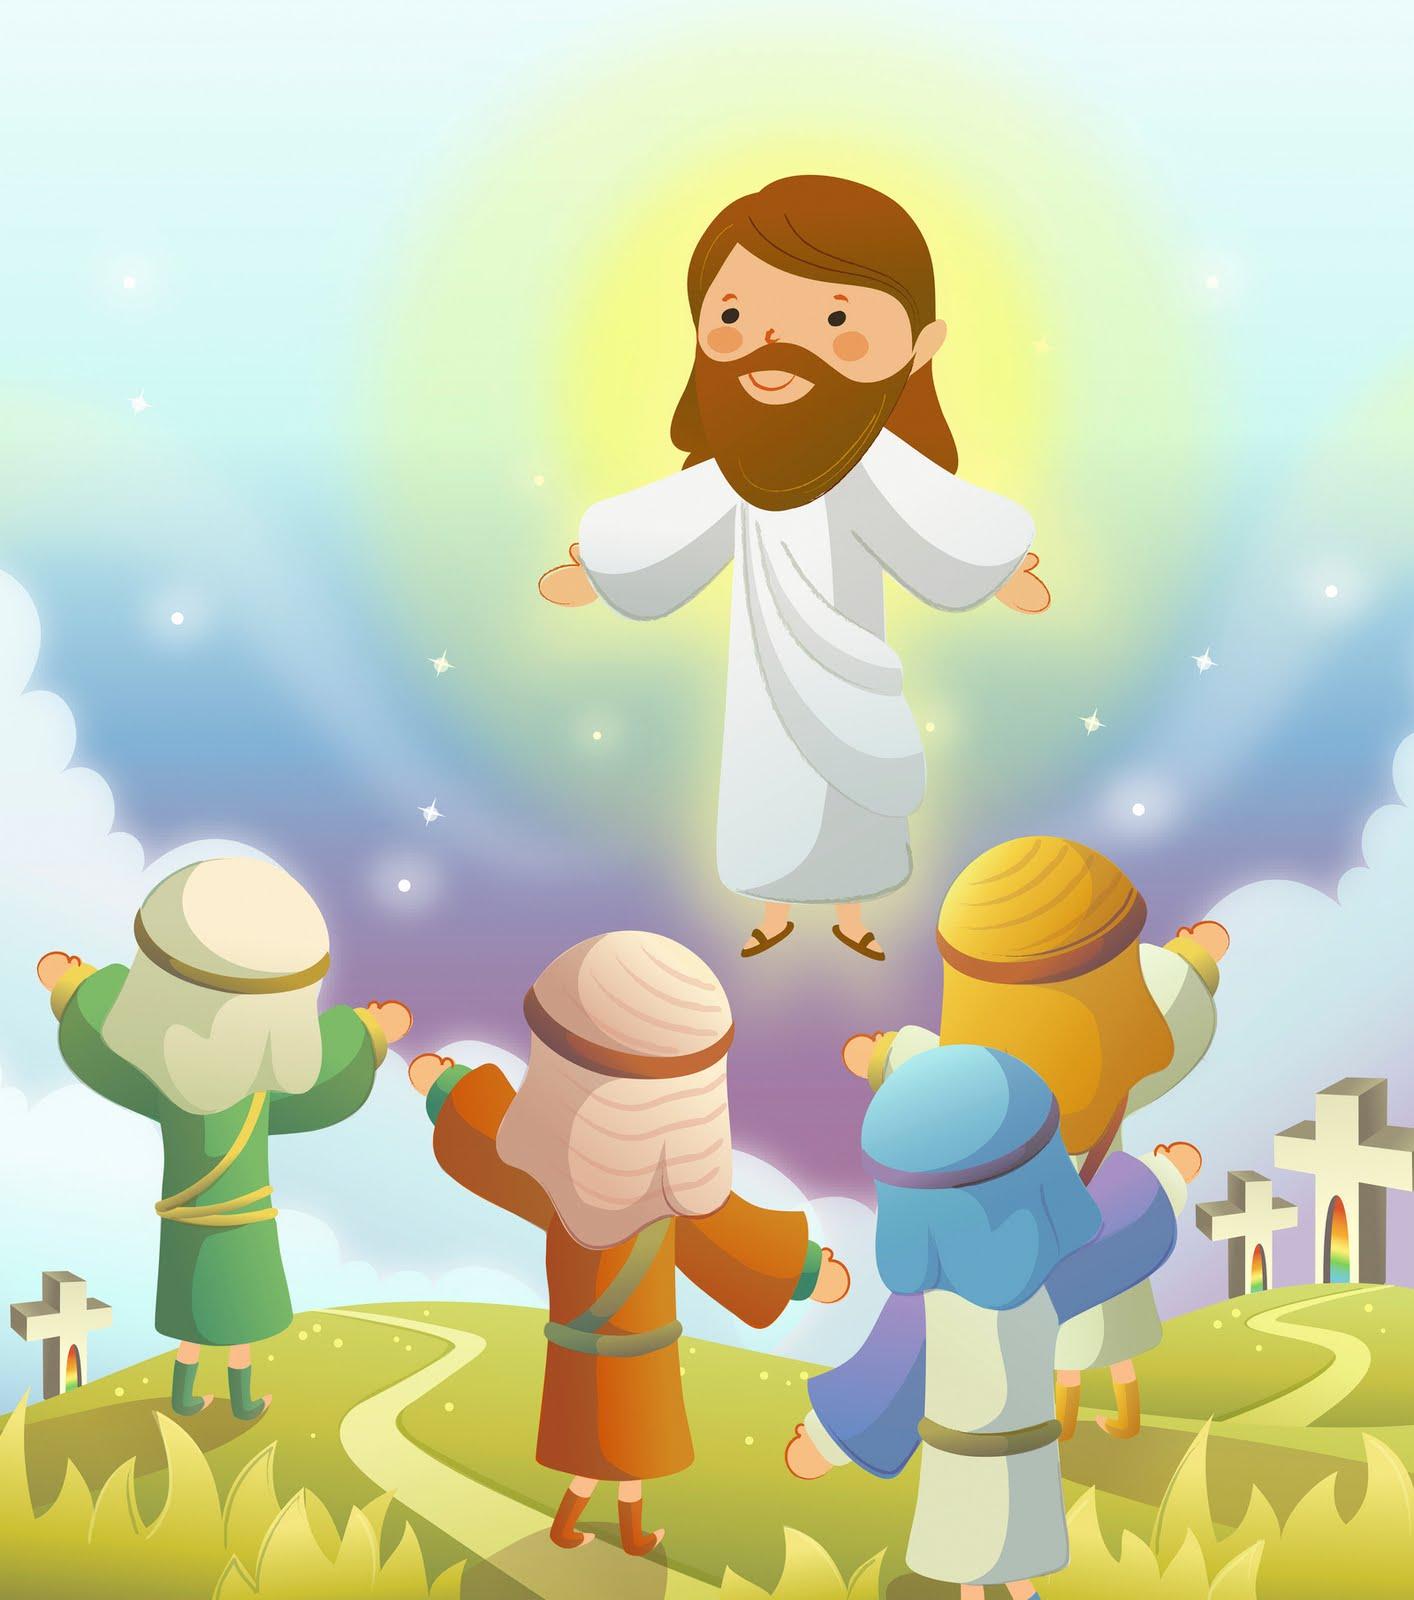 Matrimonio Catolico Definicion : Corazones de maria ilustraciones jesús para niños